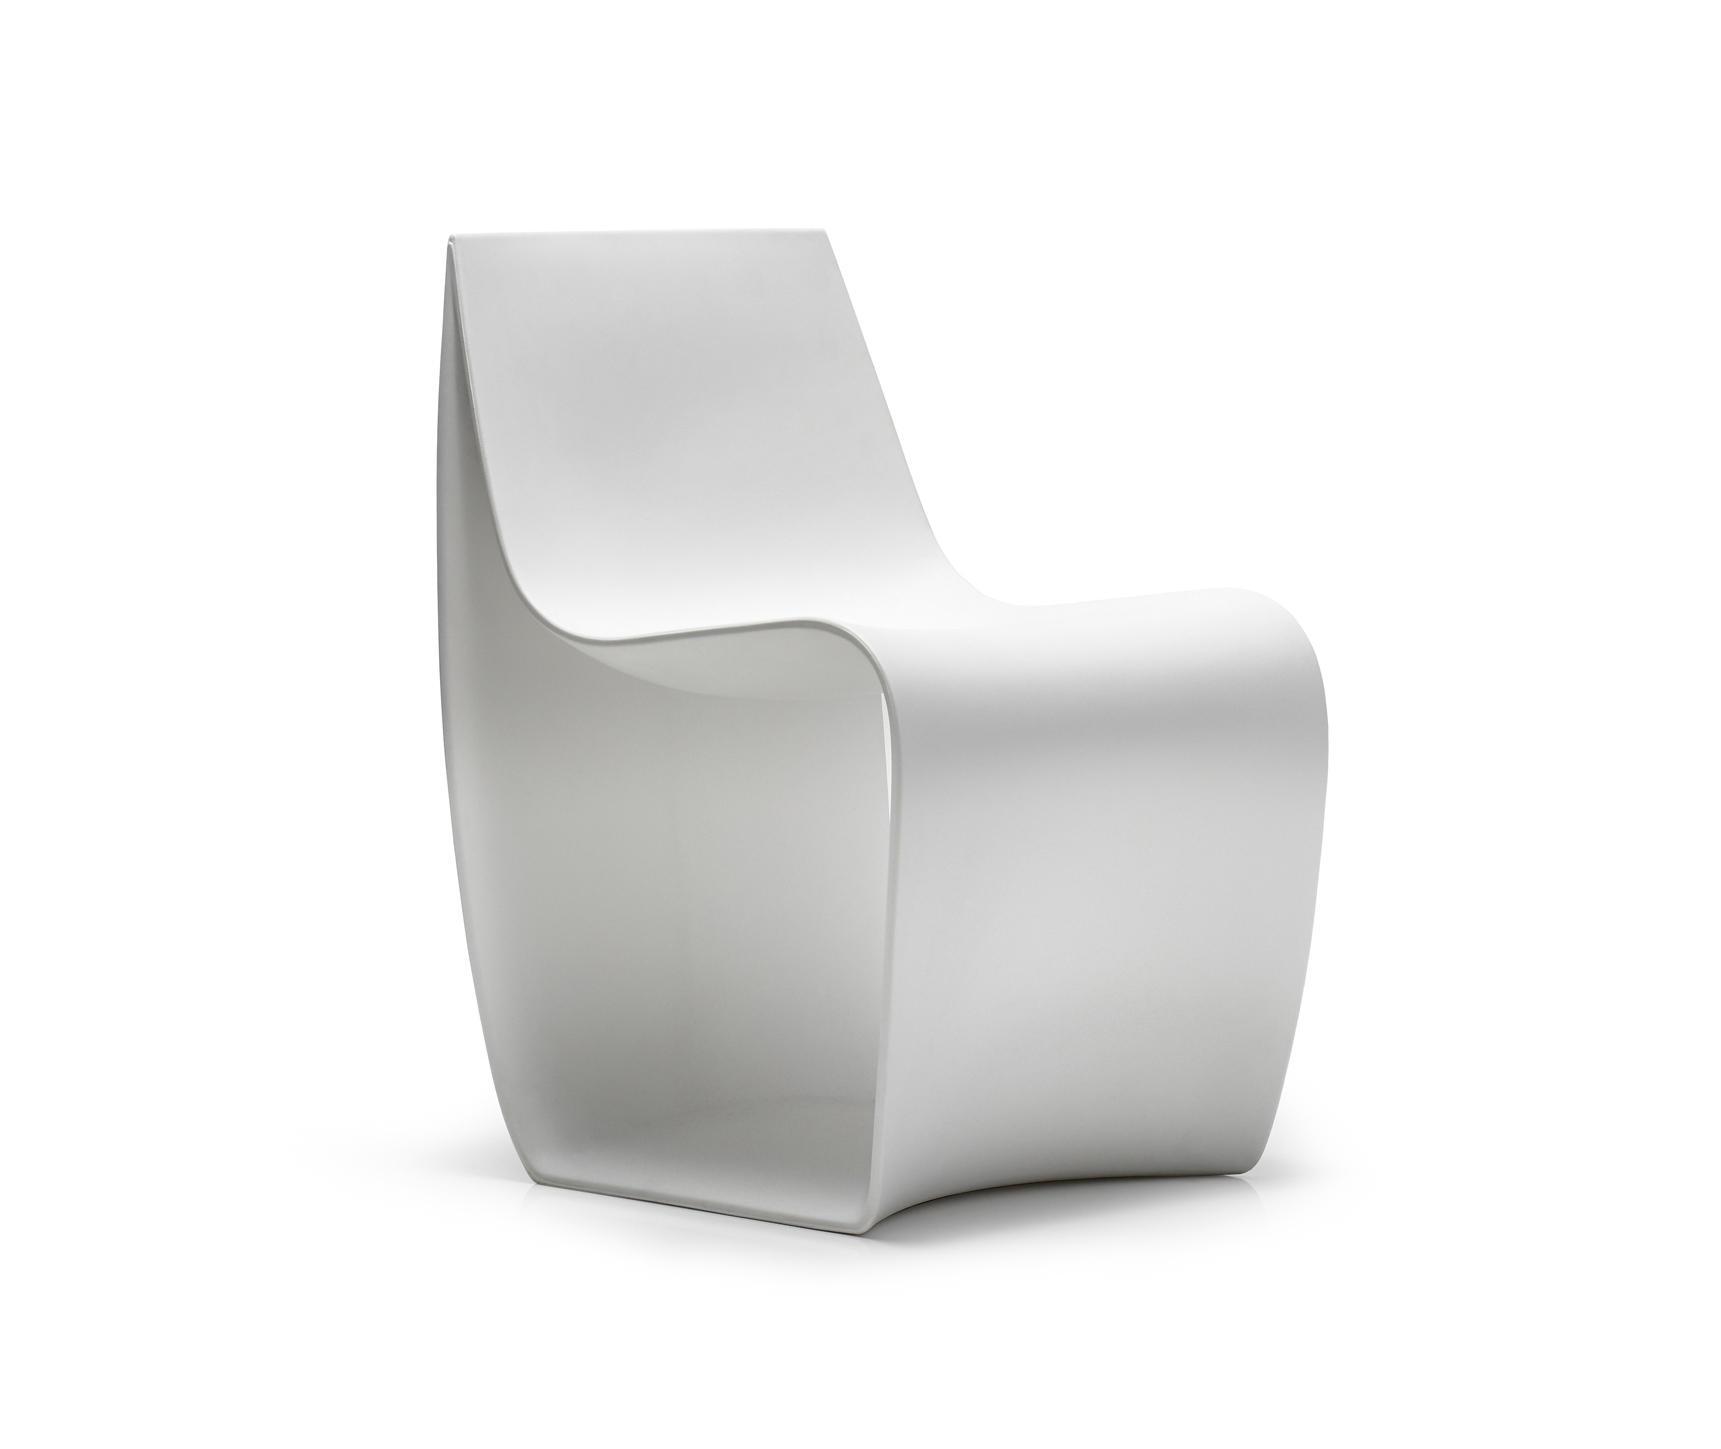 坐具|户外椅|创意家具|现代家居|时尚家具|设计师家具|定制家具|实木家具|SIGN MATT 户外休闲椅